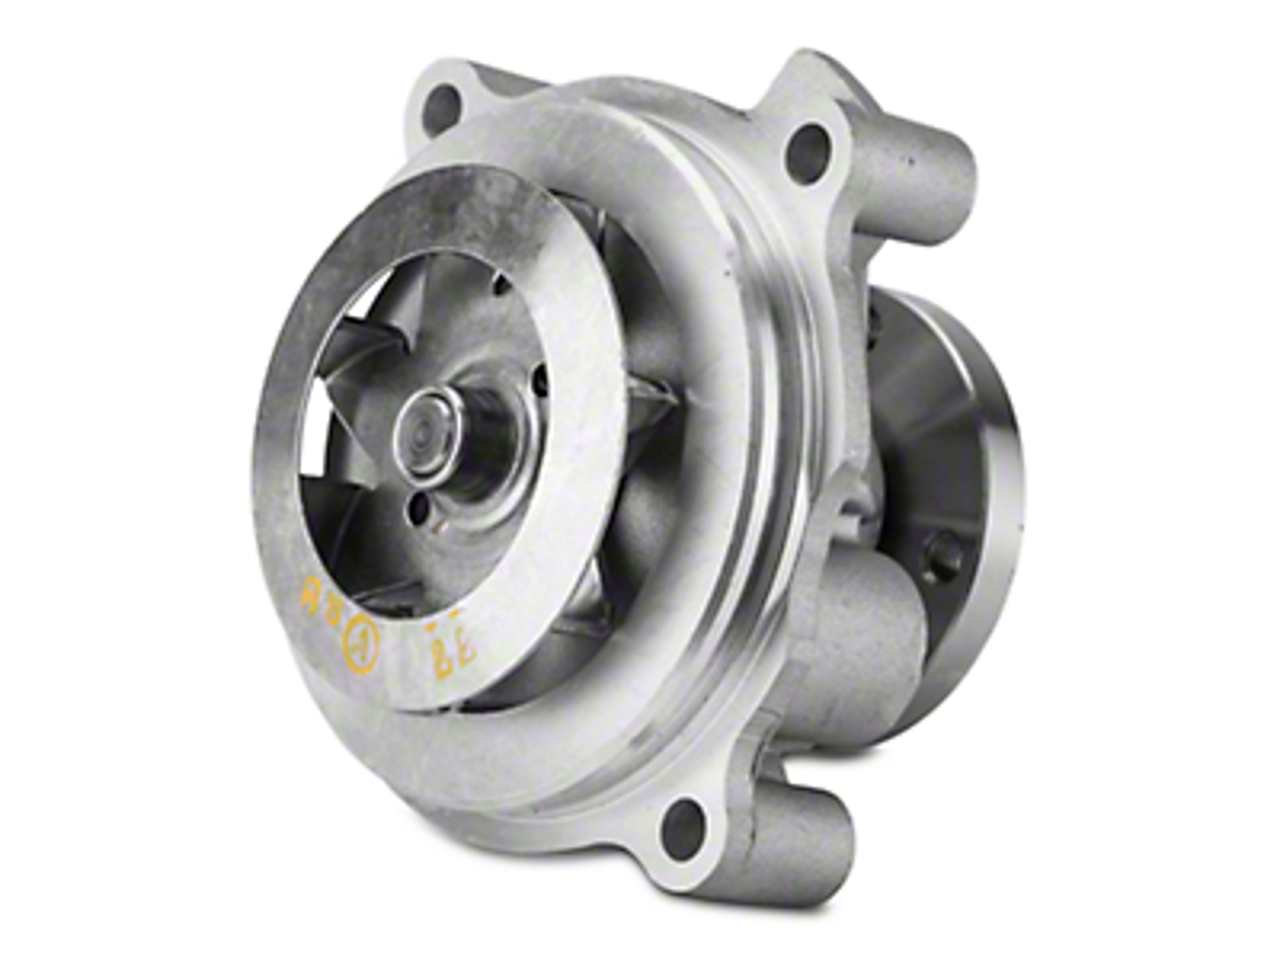 OPR Replacement Water Pump - Short (02-04 GT, Cobra, Mach 1)